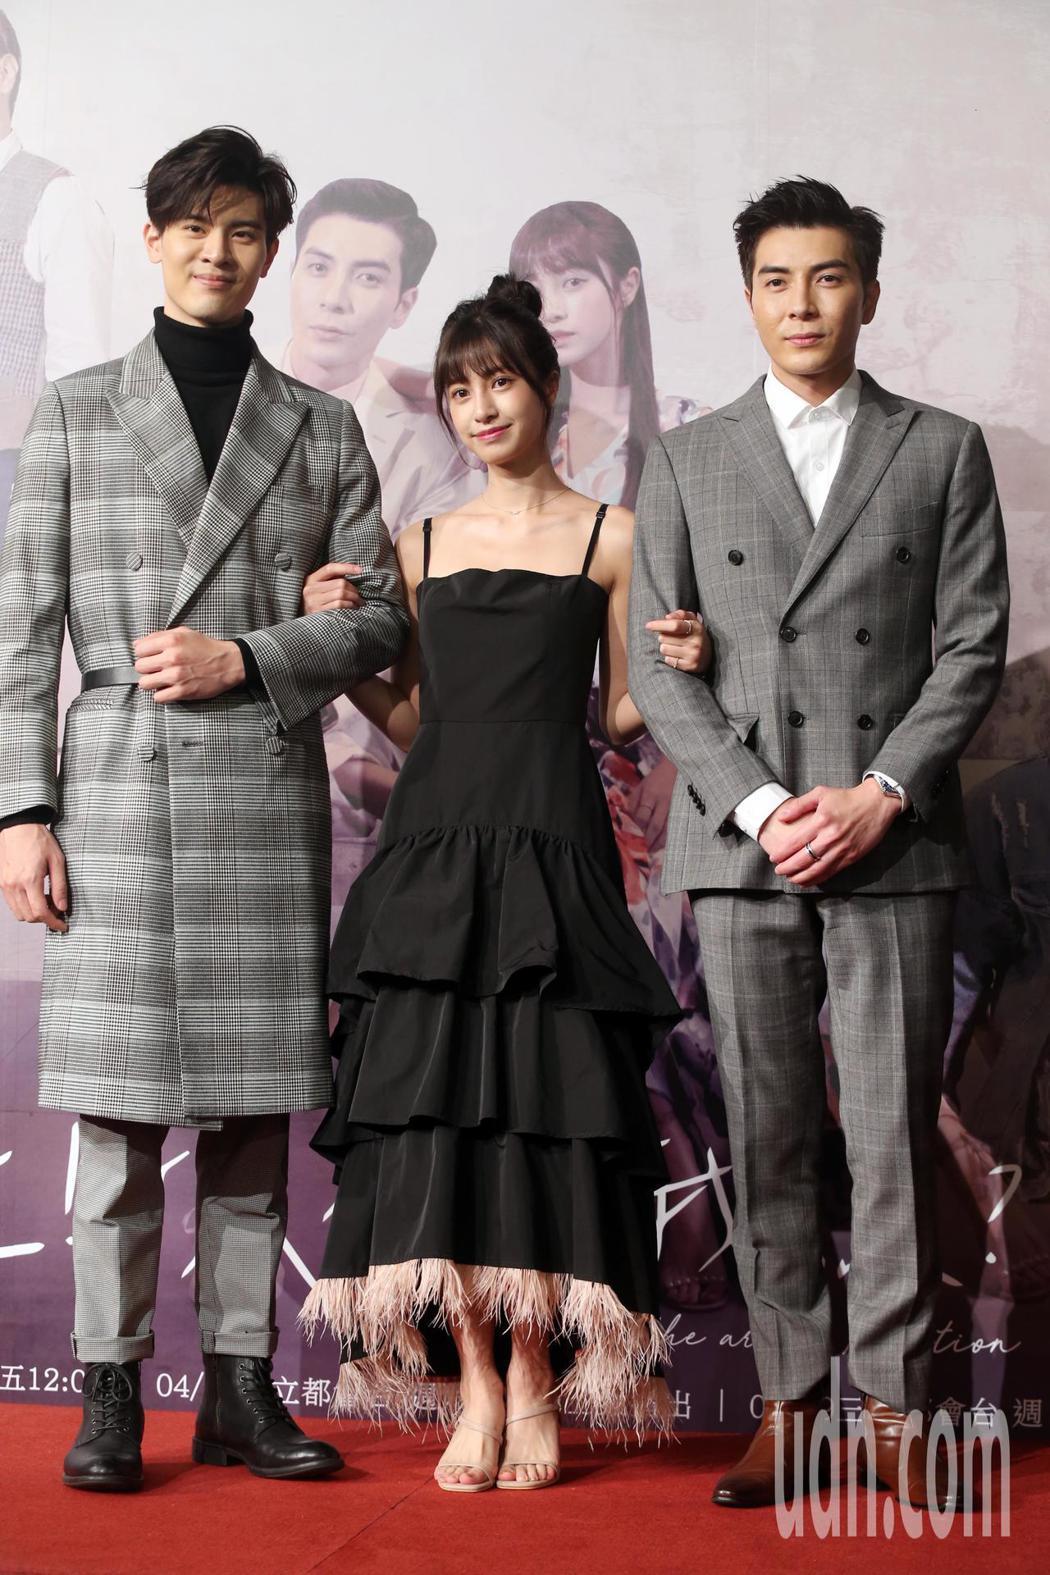 三立網劇《位!你在等我嗎?》舉行首映會,主要演員吳承洋(左)、陳敬宣(中)、江可...